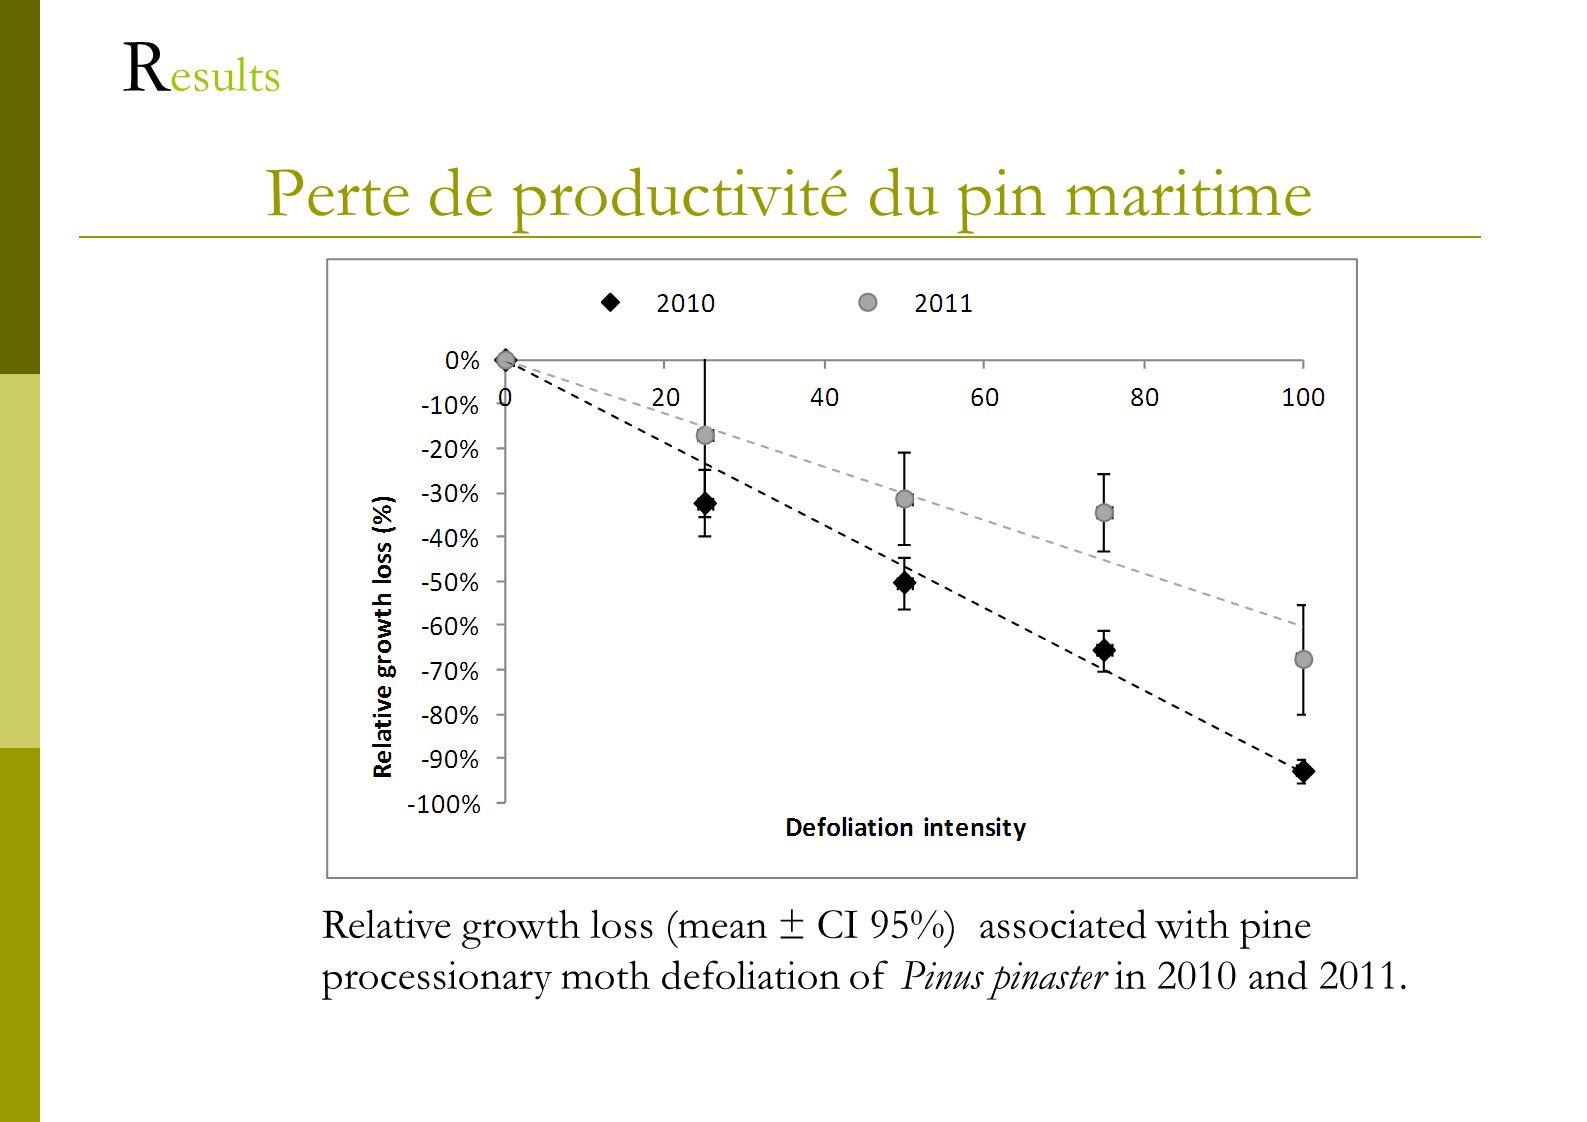 Perte de productivité du pin maritime